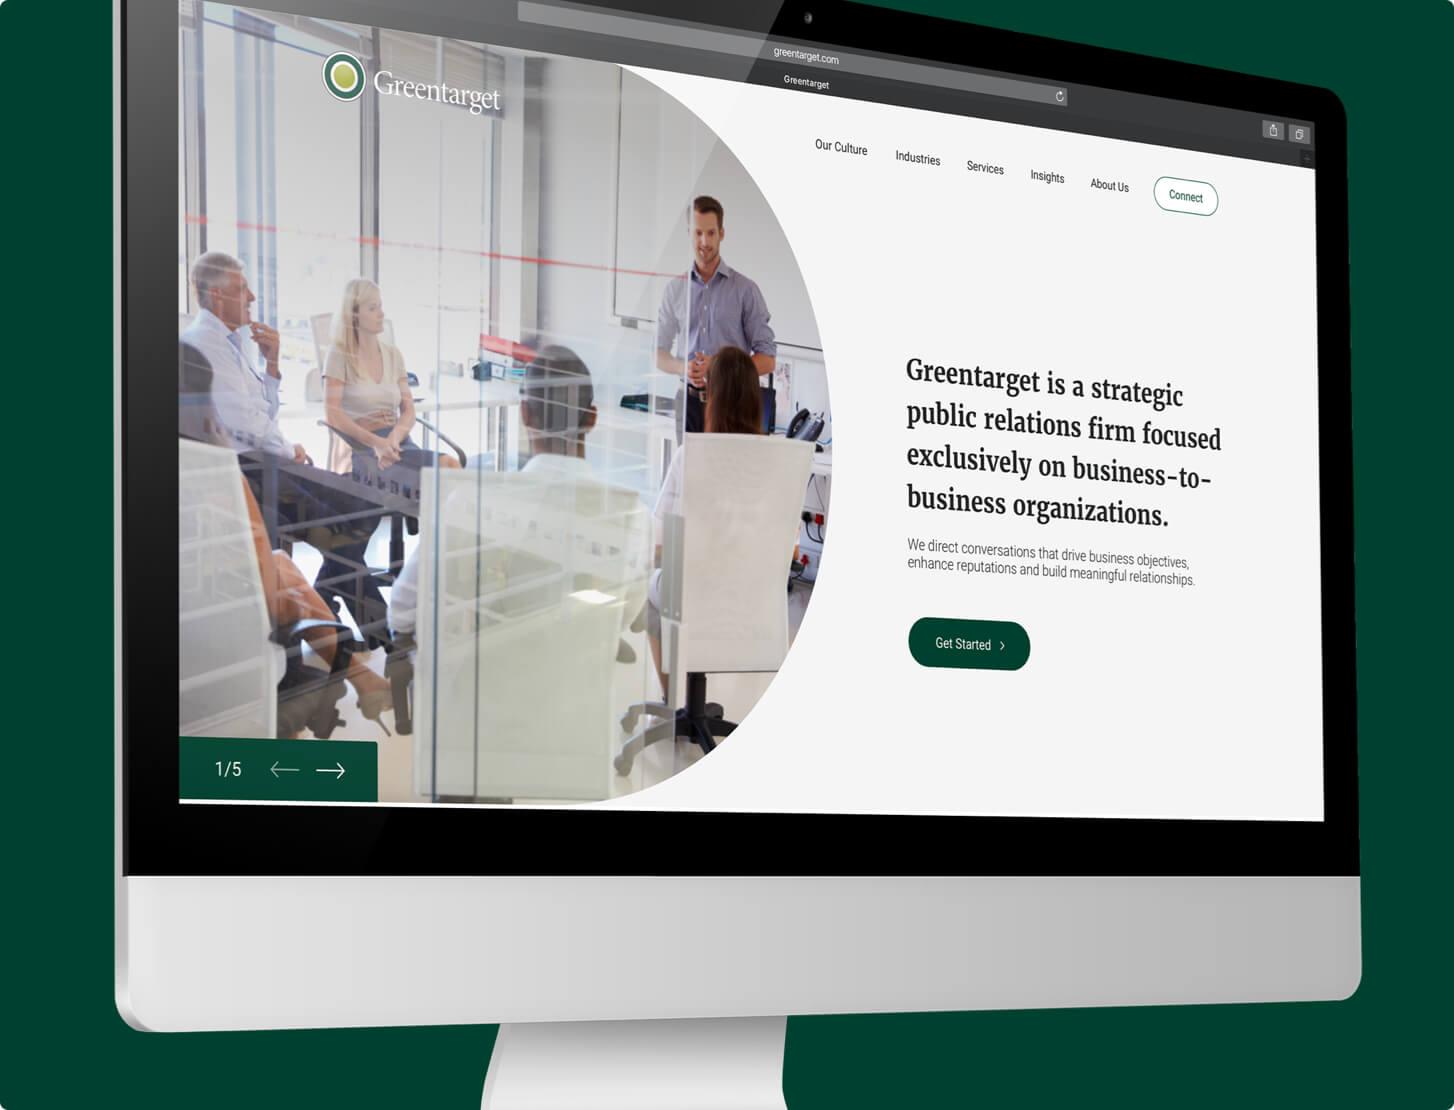 Greentarget's website shown on a desktop